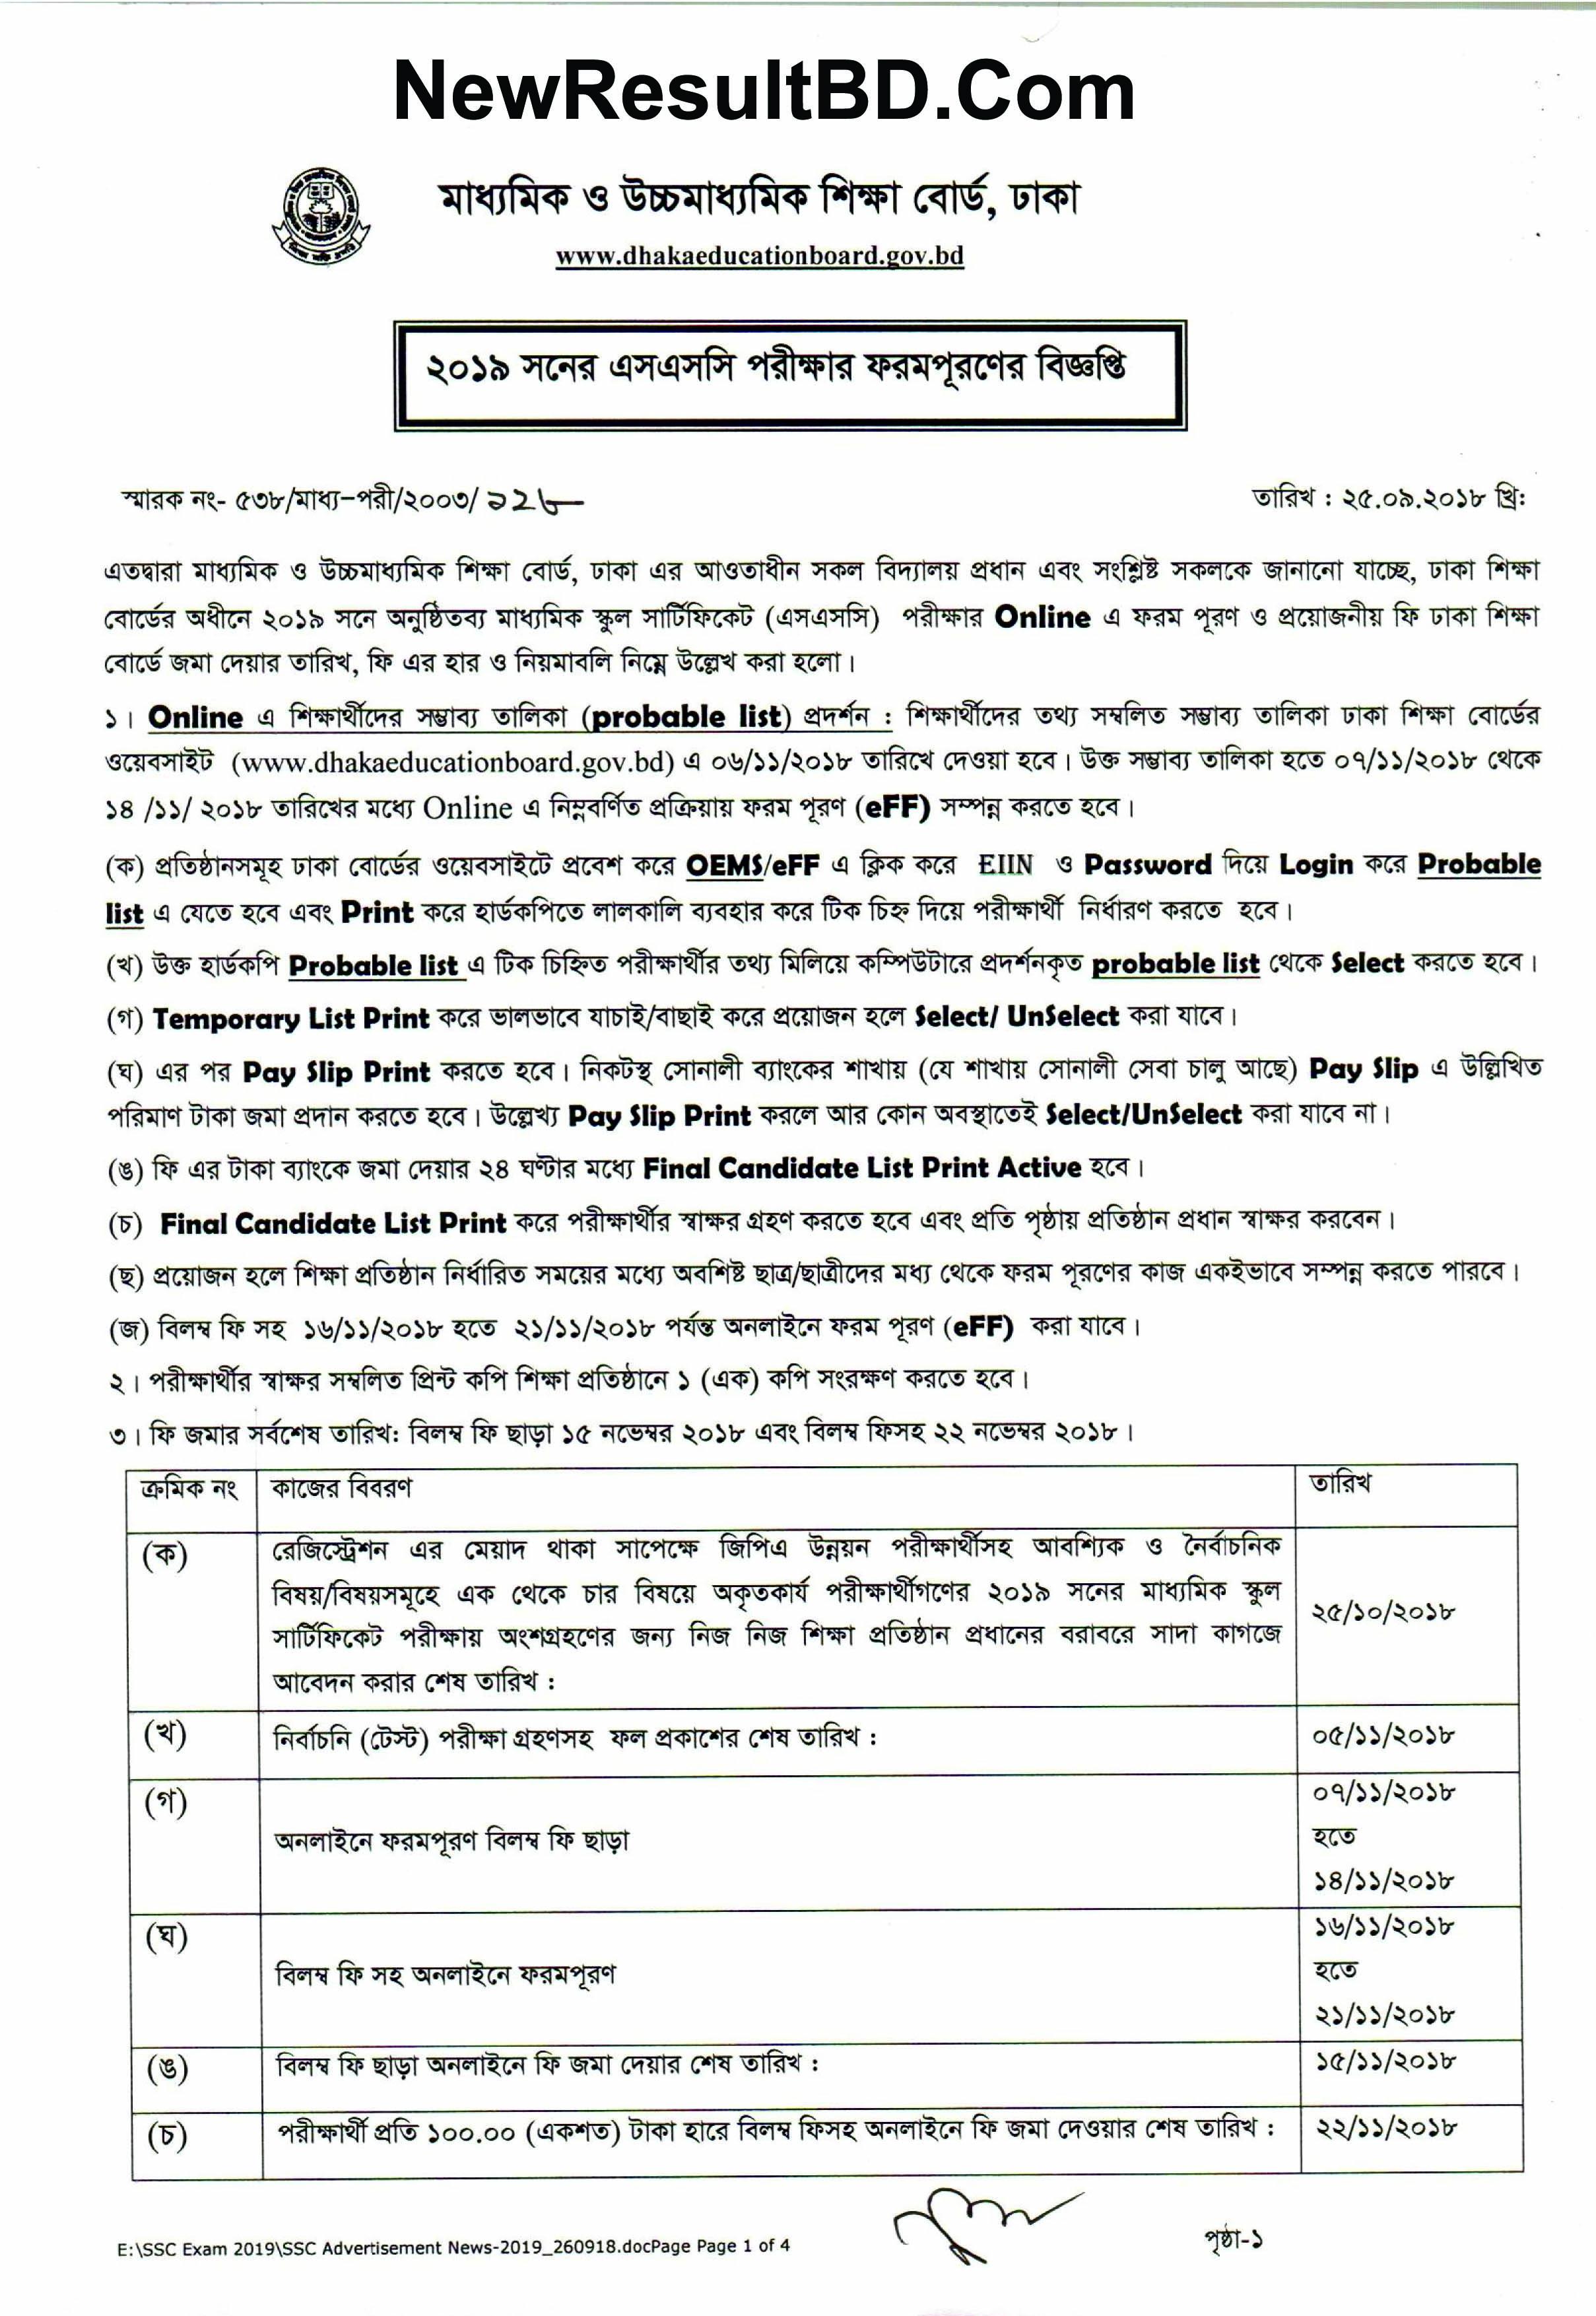 SSC-Form-Fill-Up-Notice